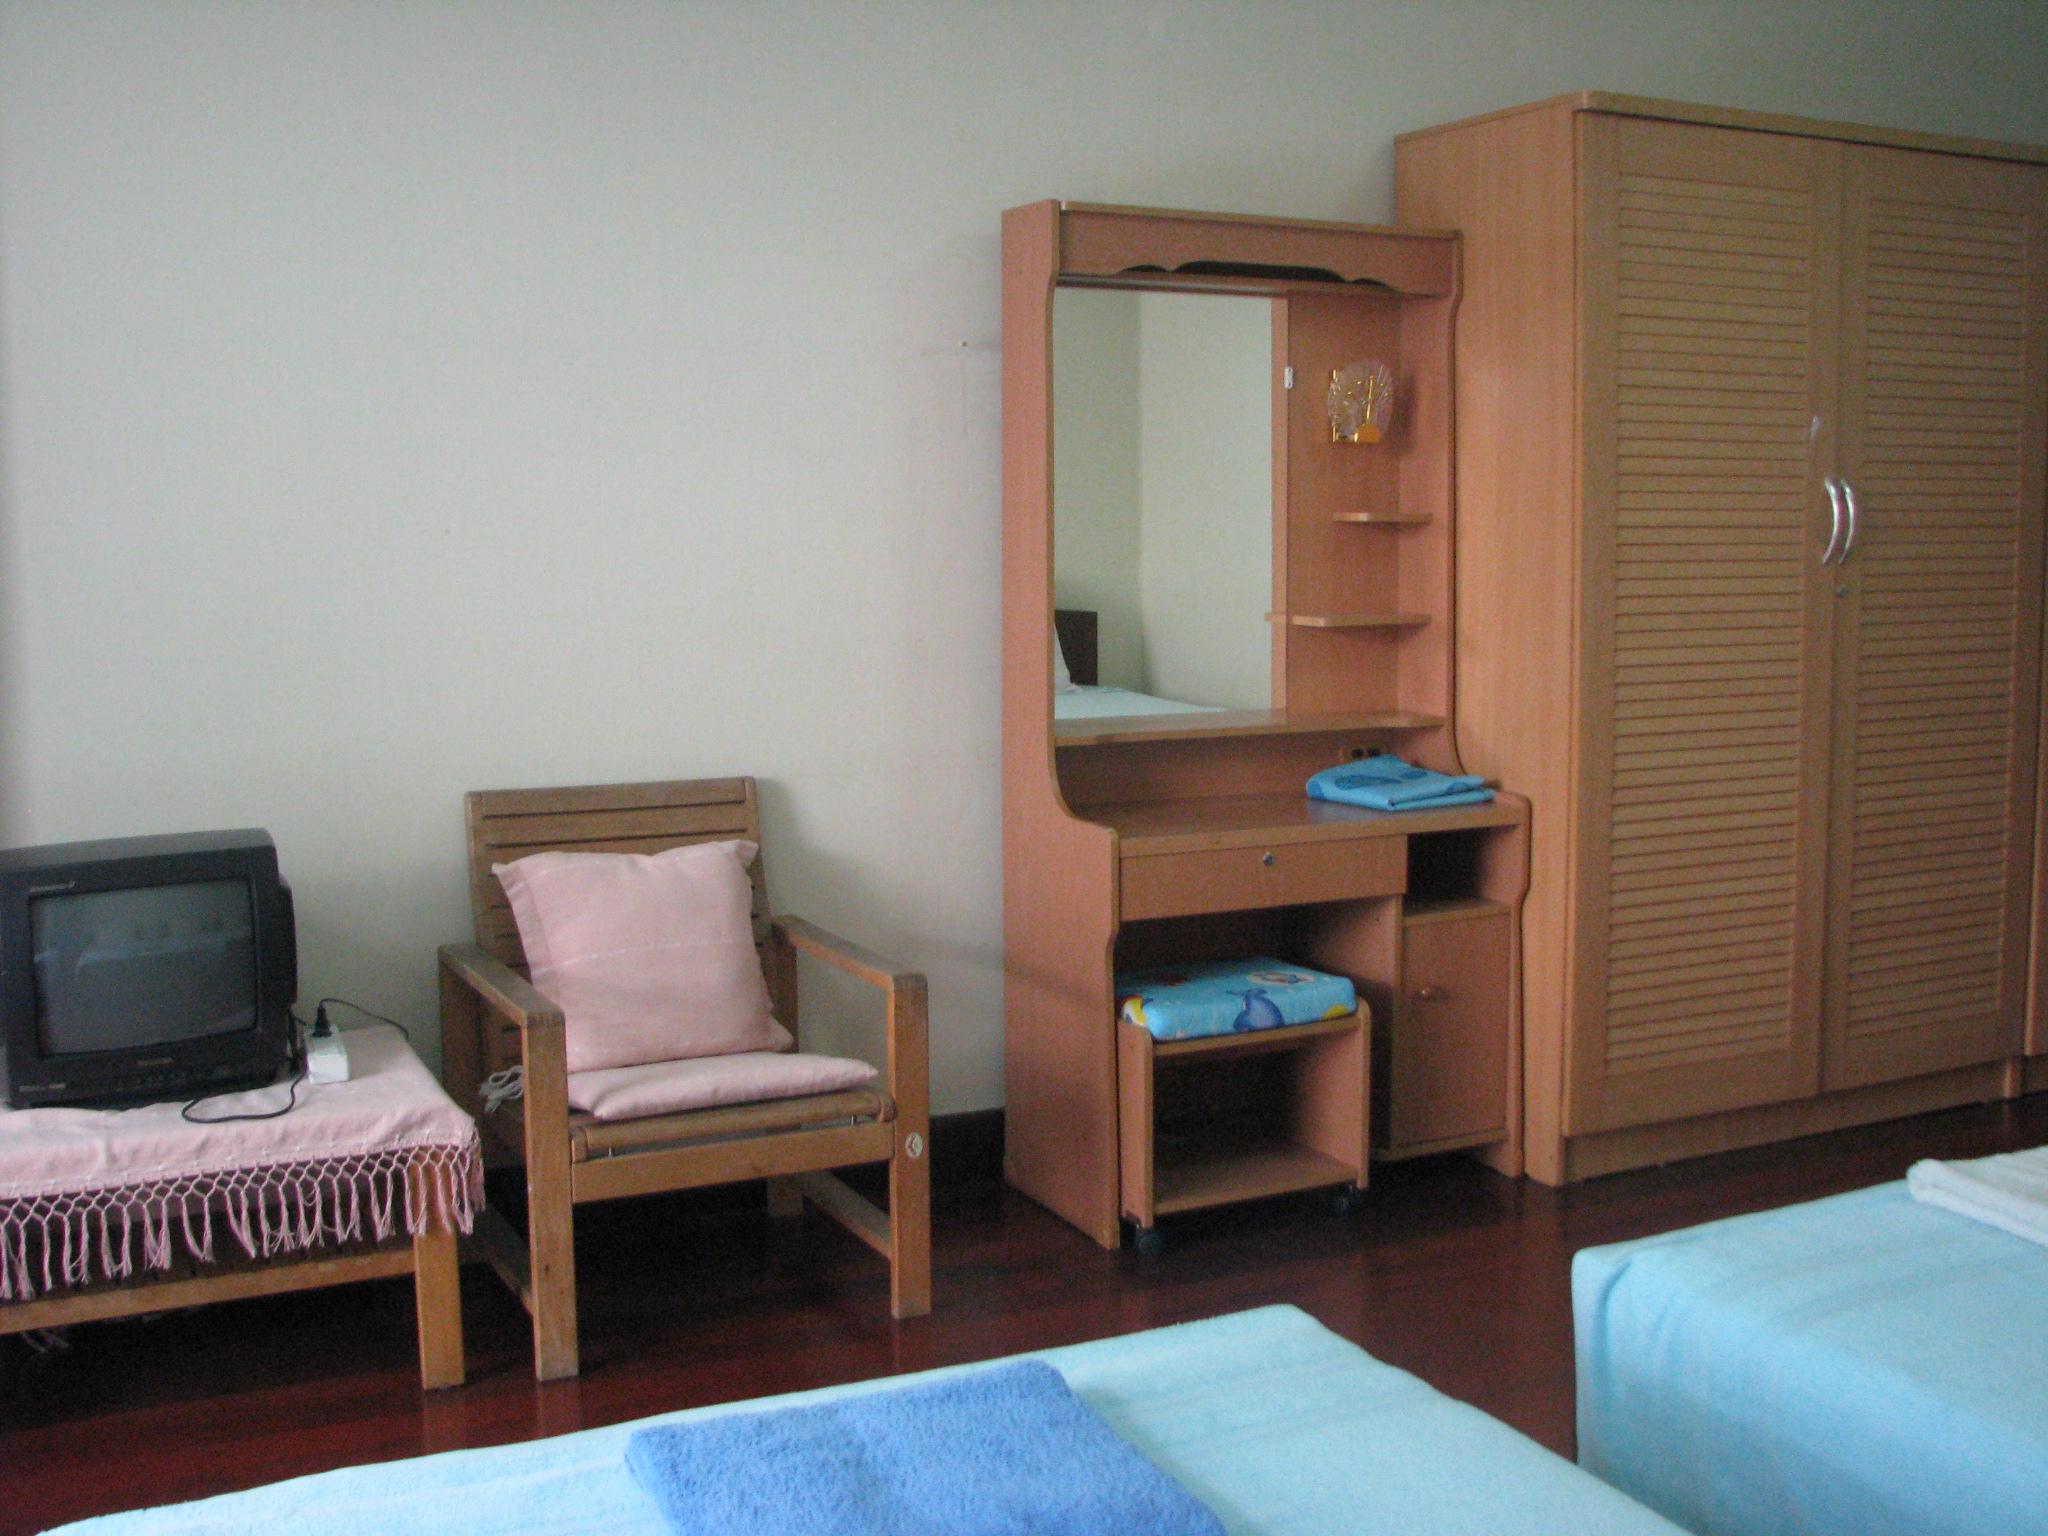 ห้องพัก2